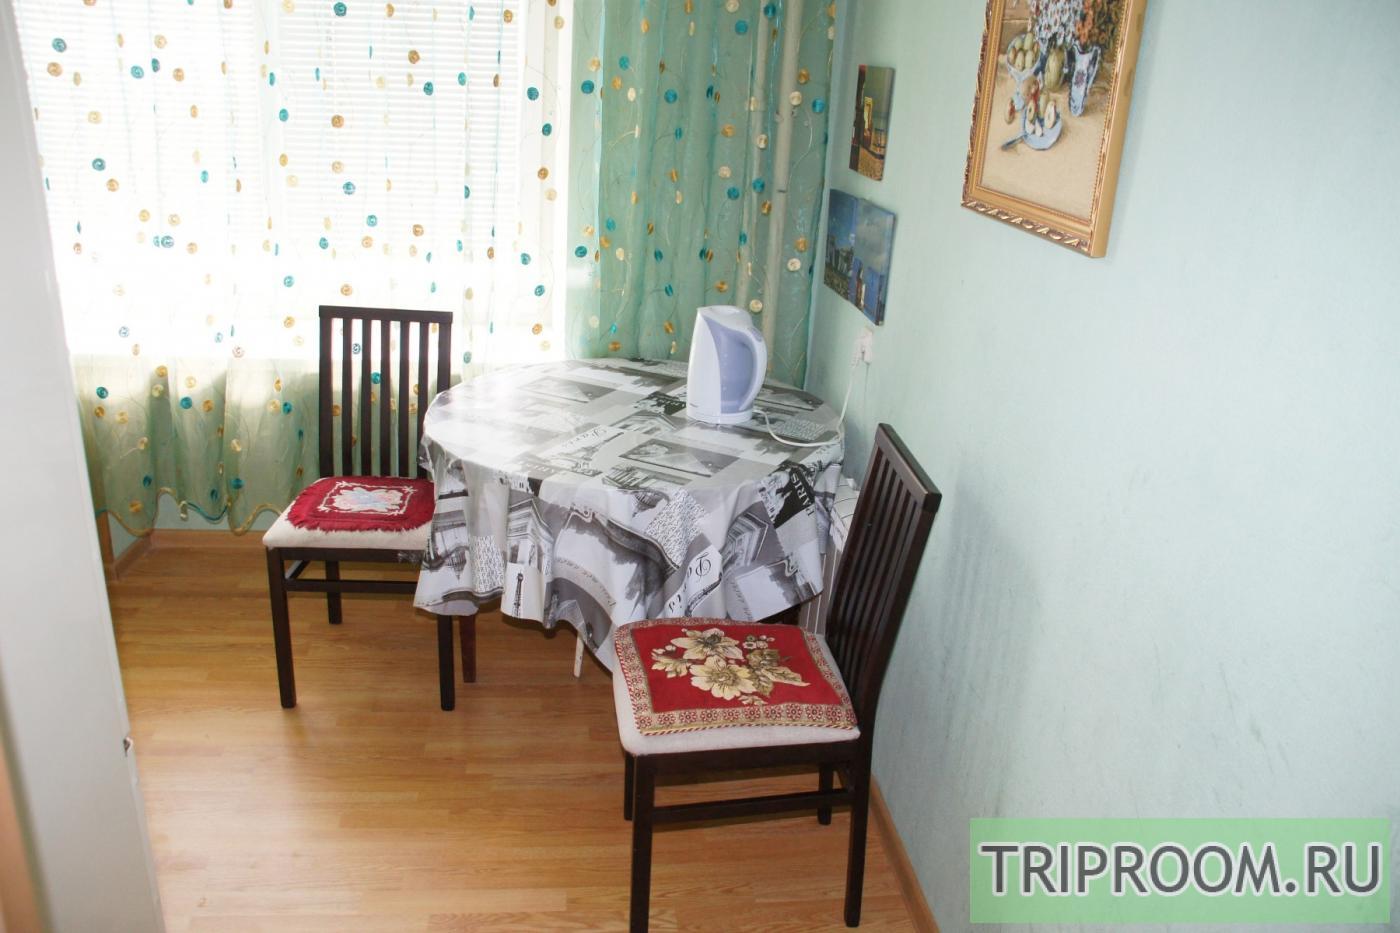 2-комнатная квартира посуточно (вариант № 20151), ул. Комсомольская улица, фото № 5